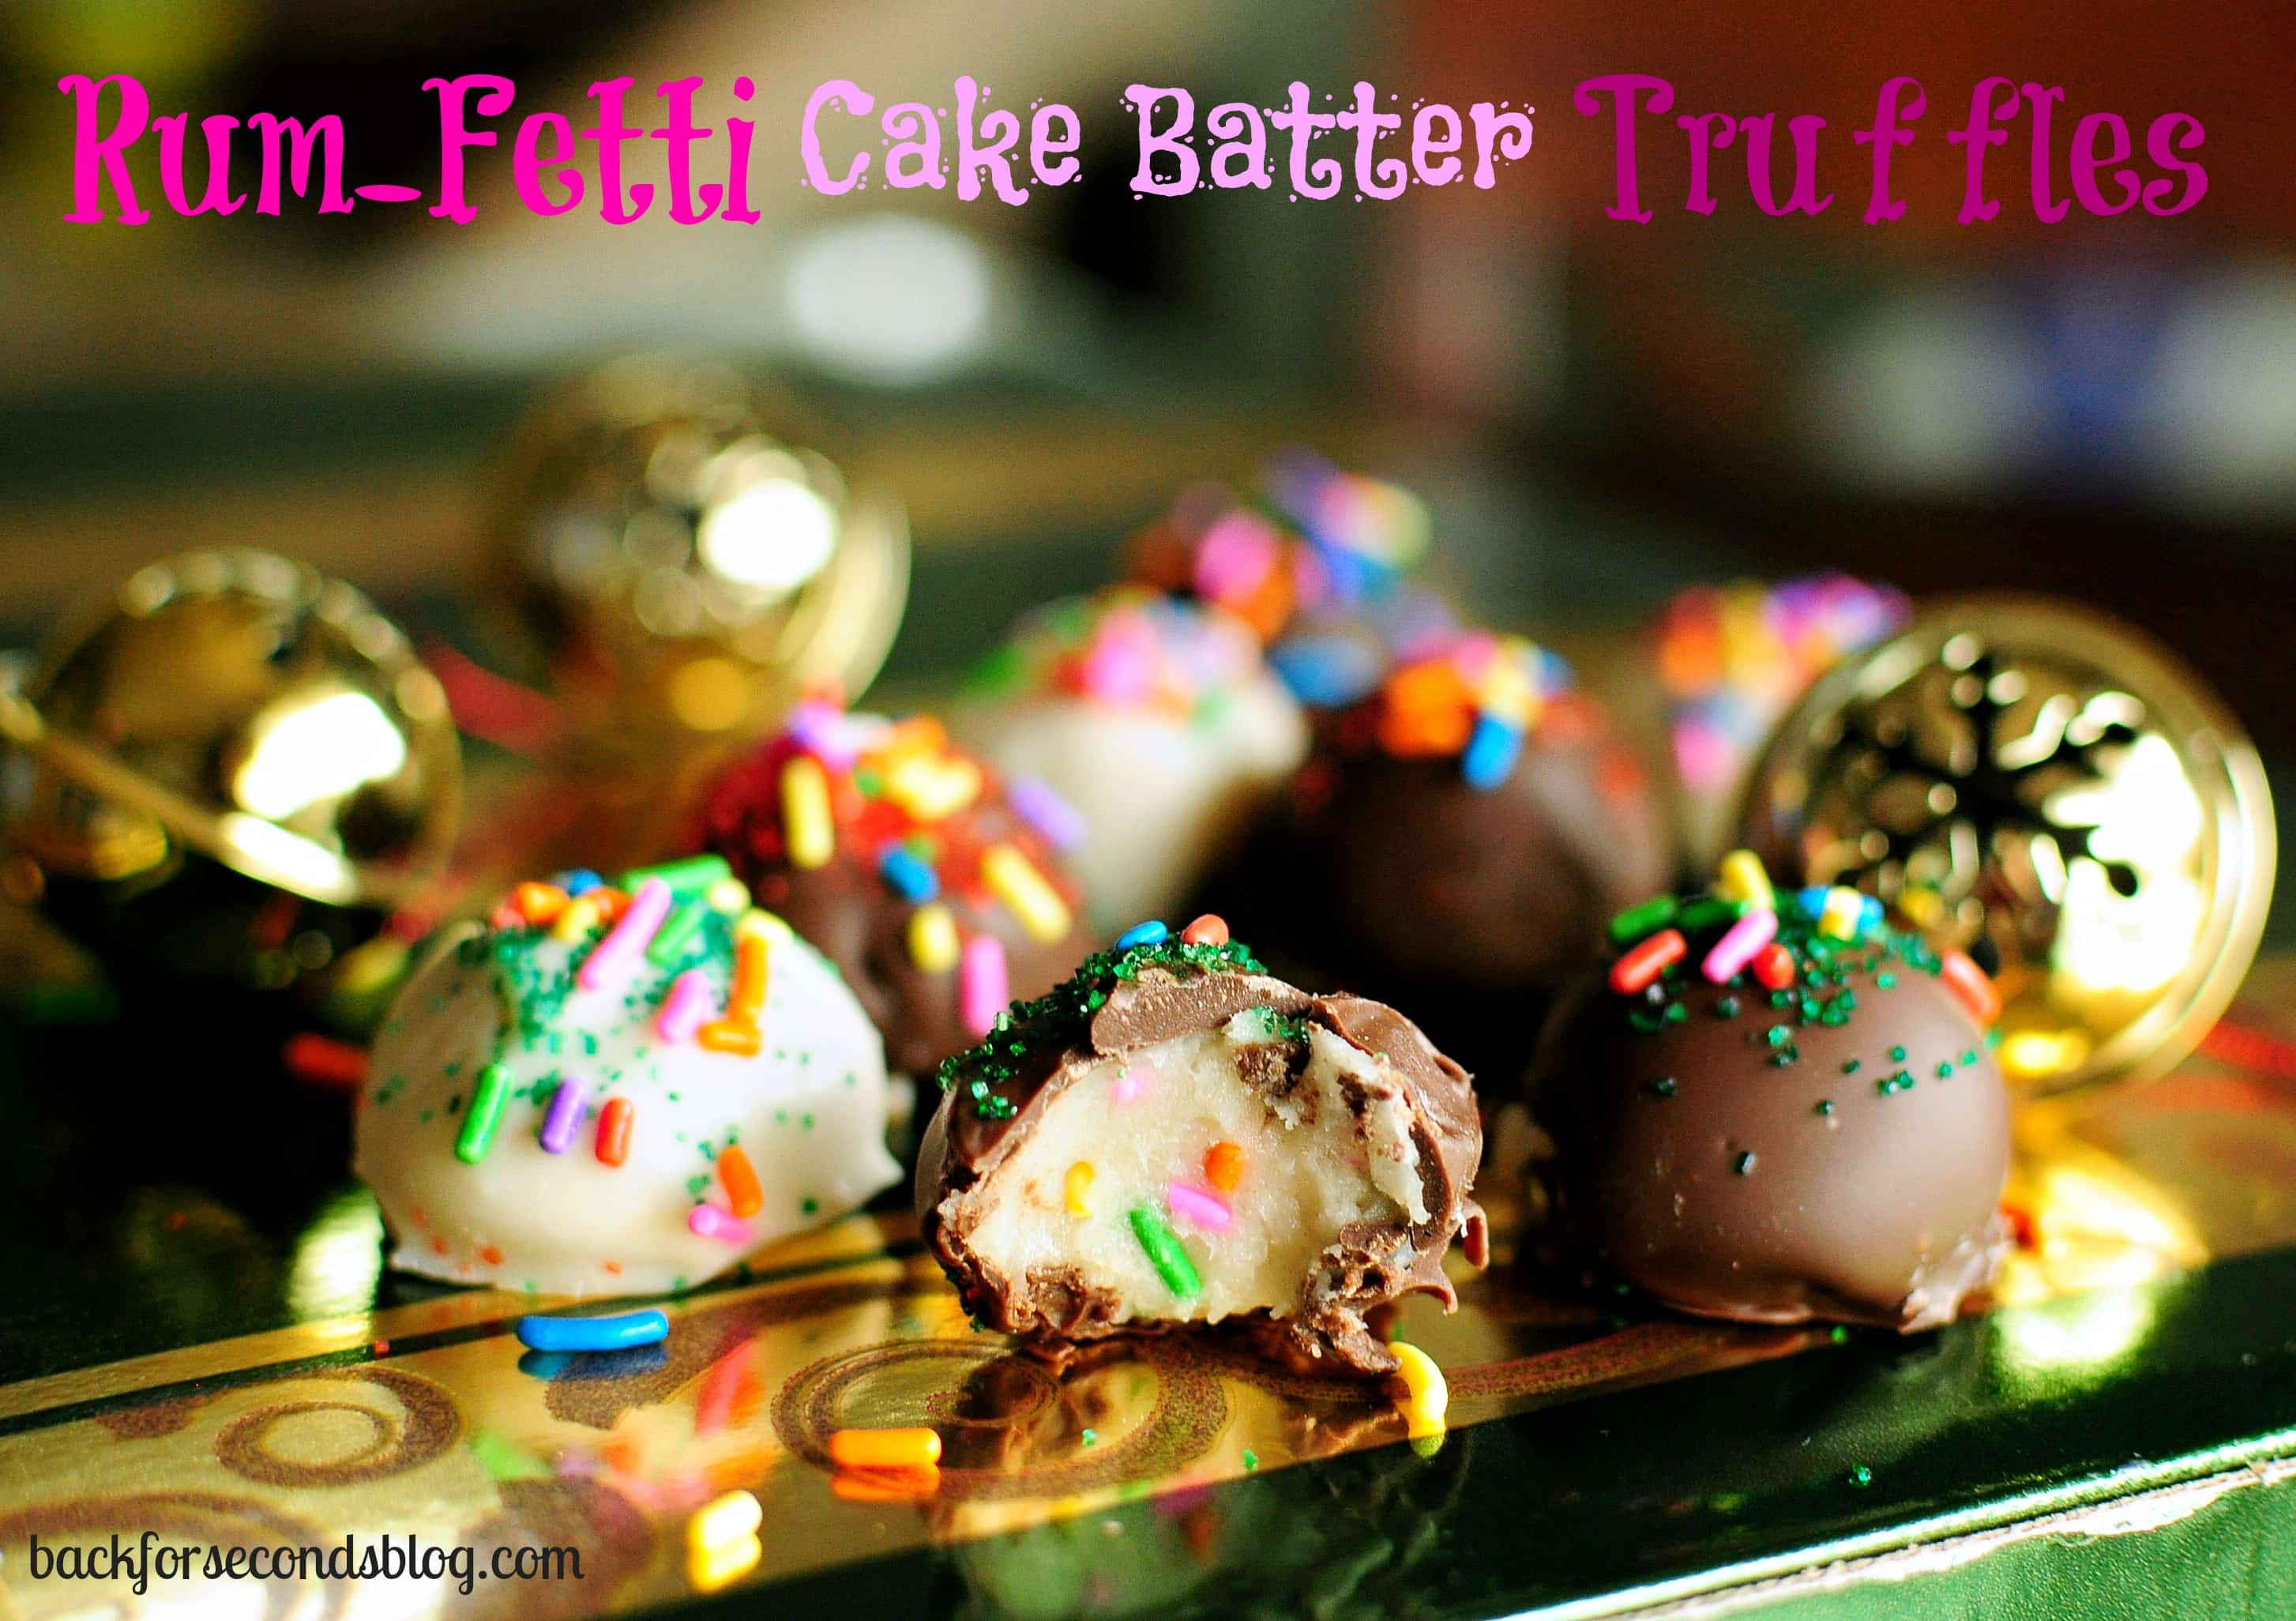 Rum-Fetti Cake Batter Truffles - Easy no bake cake batter truffles made from scratch...with rum!! http://backforsecondsblog.com #funfetti #cakebatter #truffles